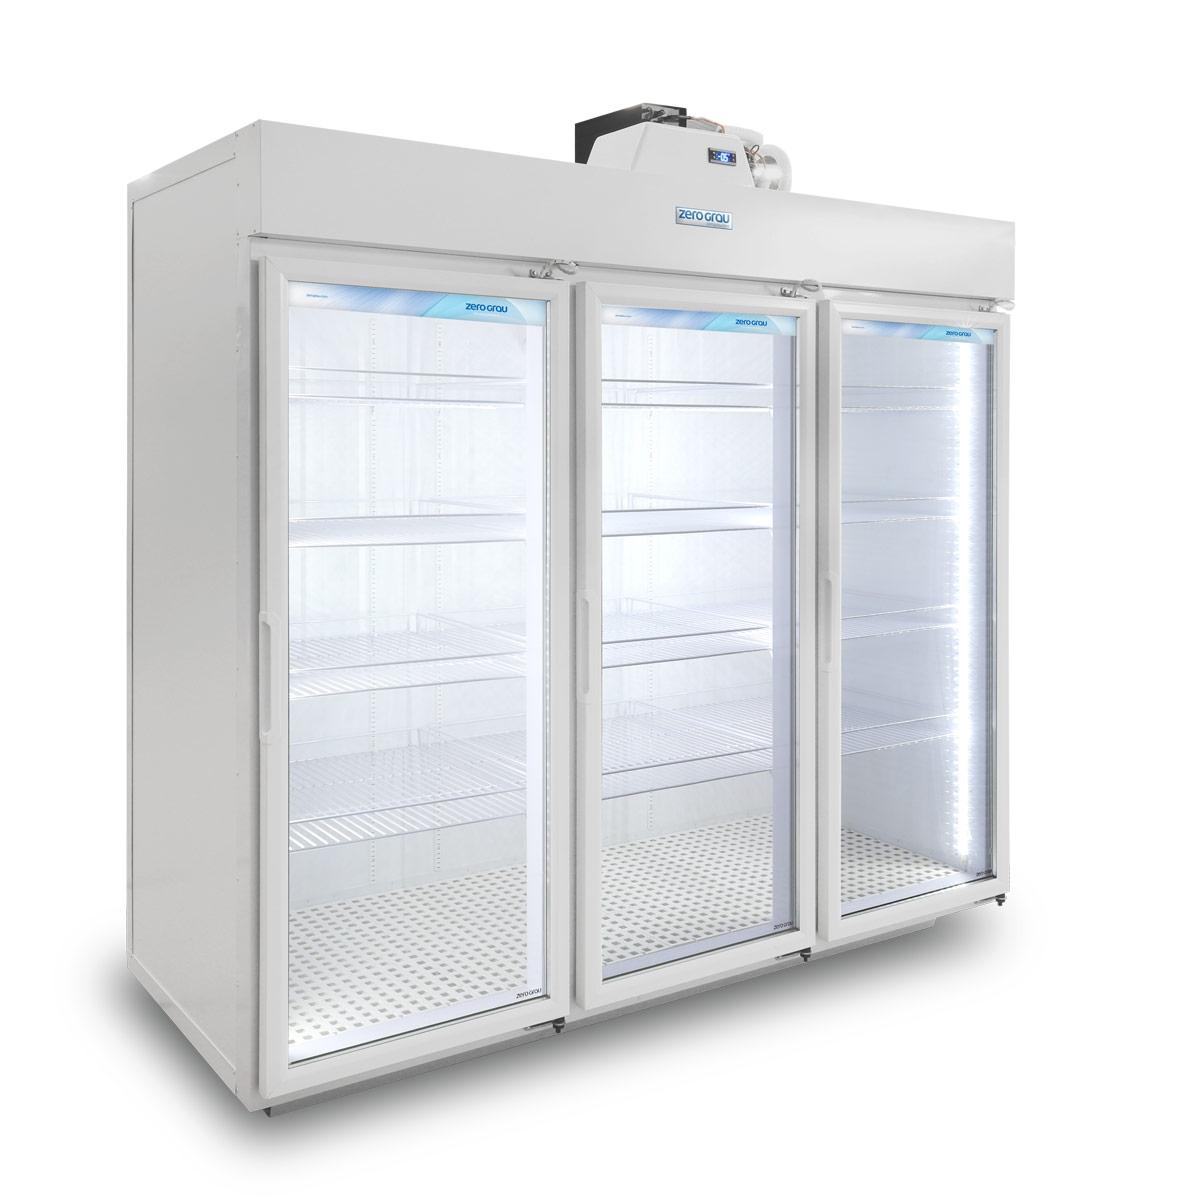 Expositor Modular 3 Portas para Resfriados - 2.440 Litros